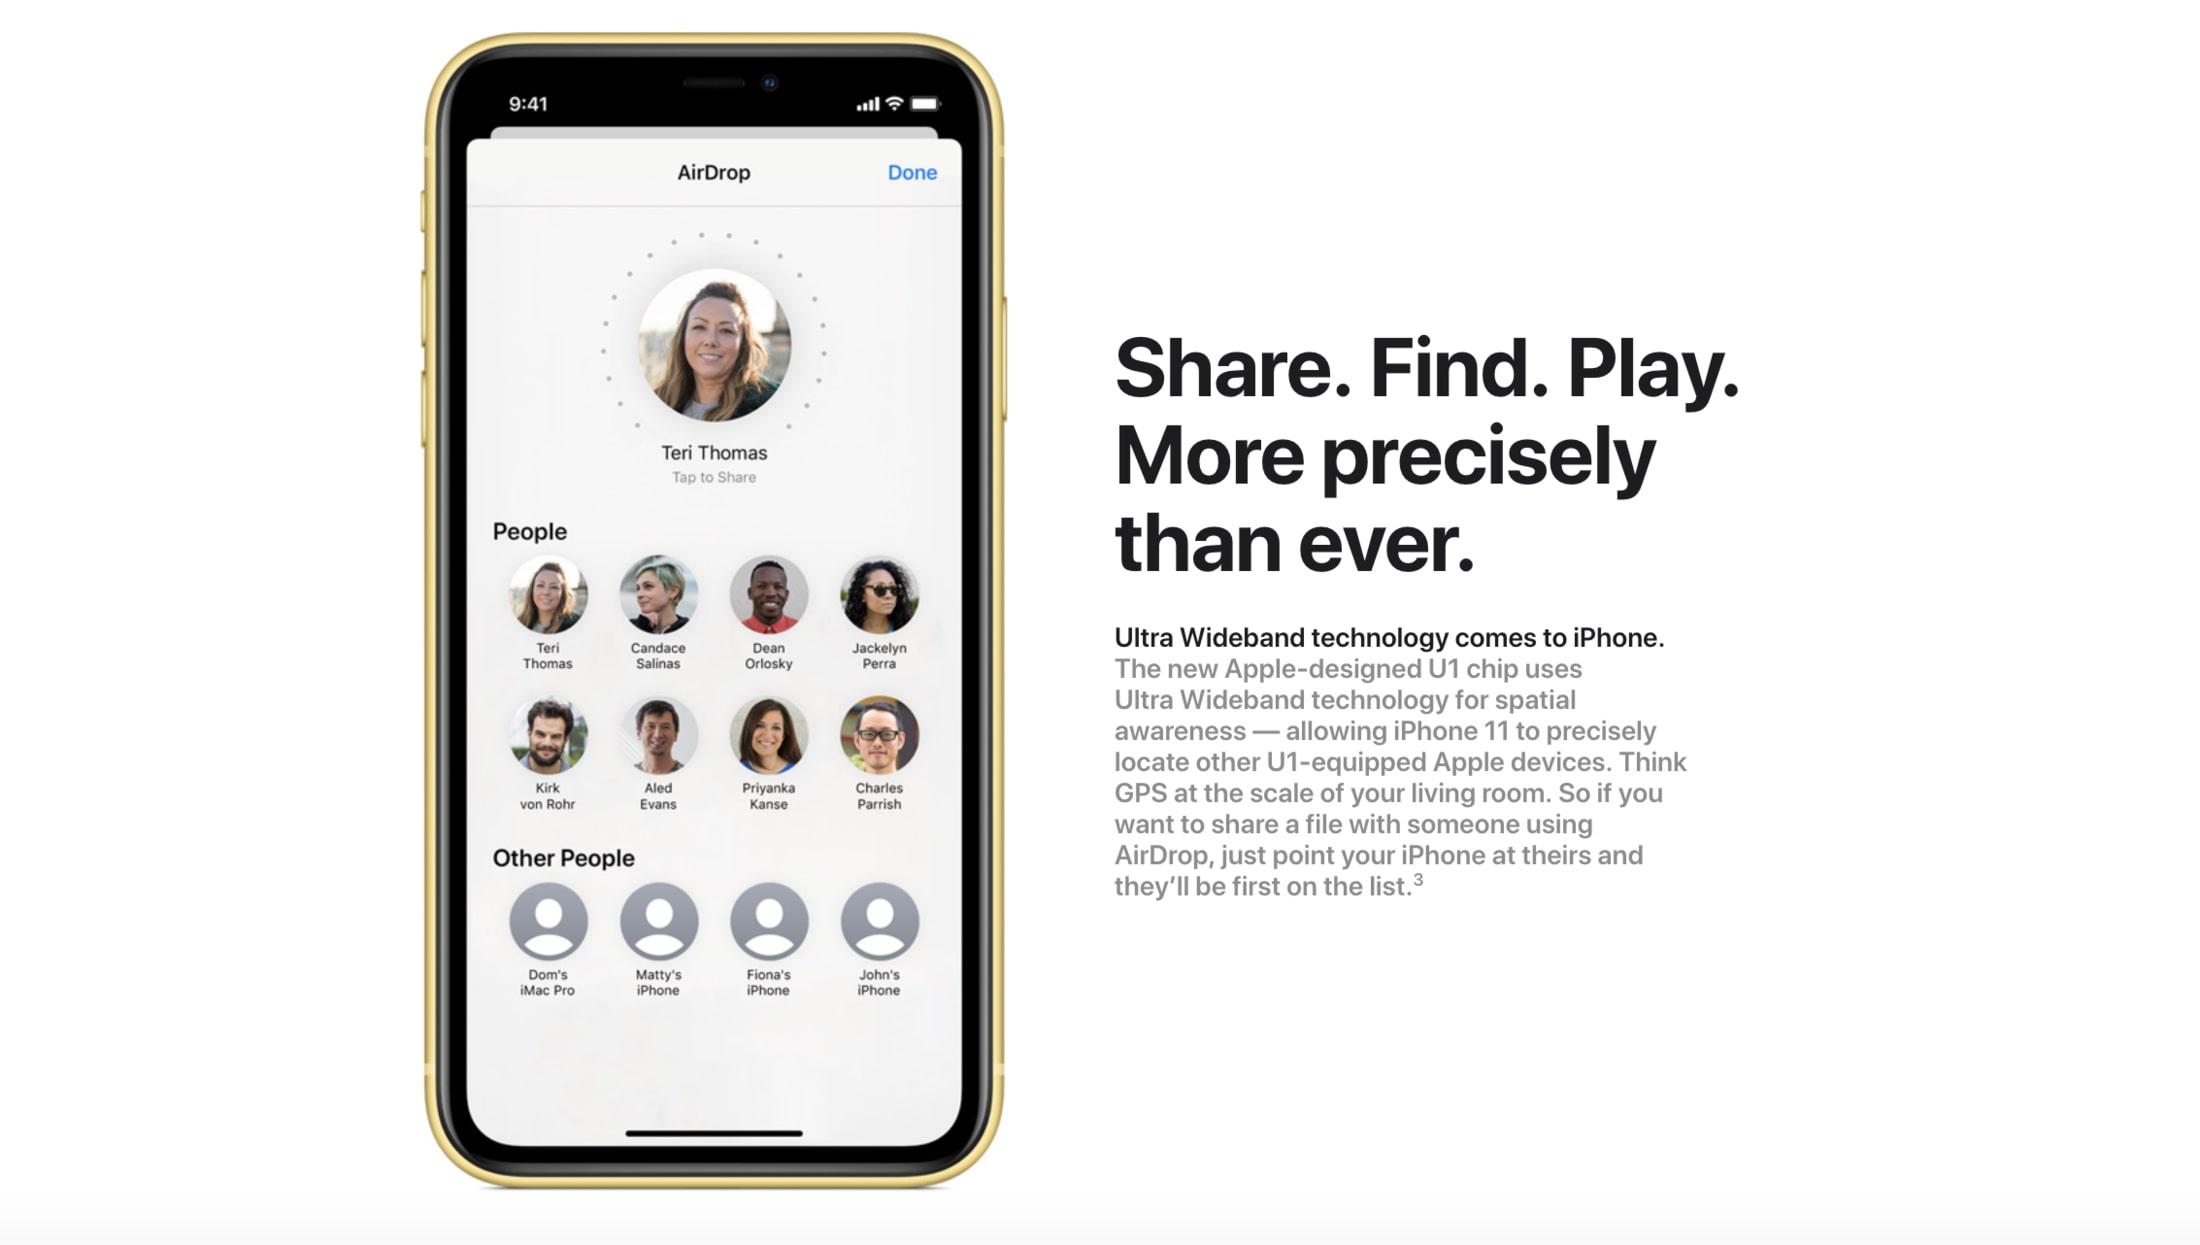 """Nhờ chip U1 mới, người dùng iPhone 11 có thể """"chỉ"""" vào máy của bạn bè để chia sẻ ảnh qua AirDrop"""